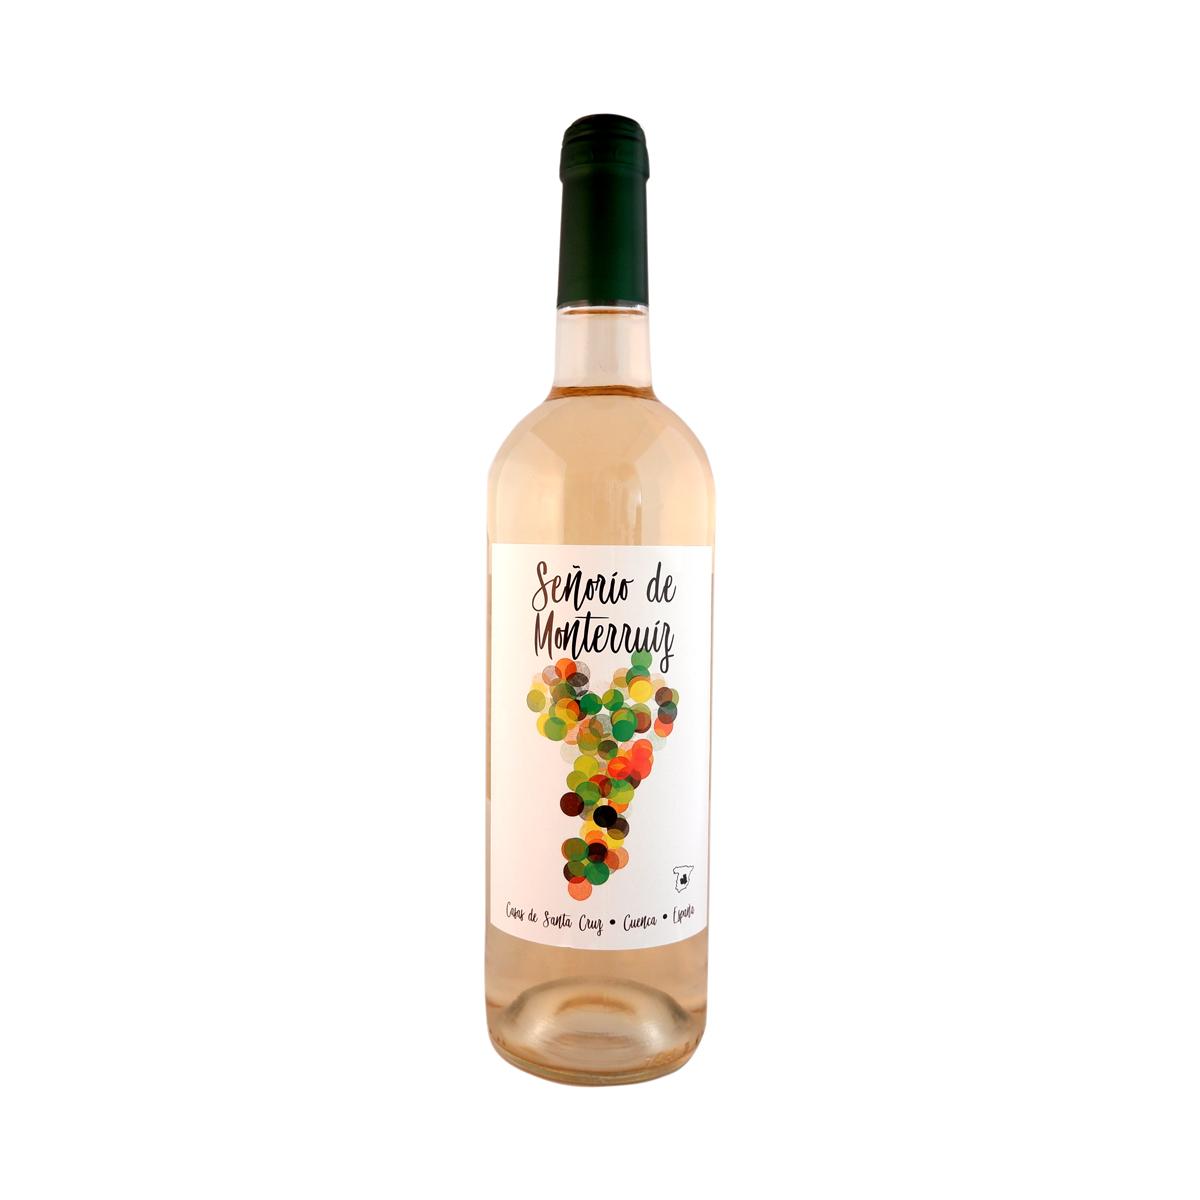 Vino Blanco Airén 2020 Tierra de Castilla